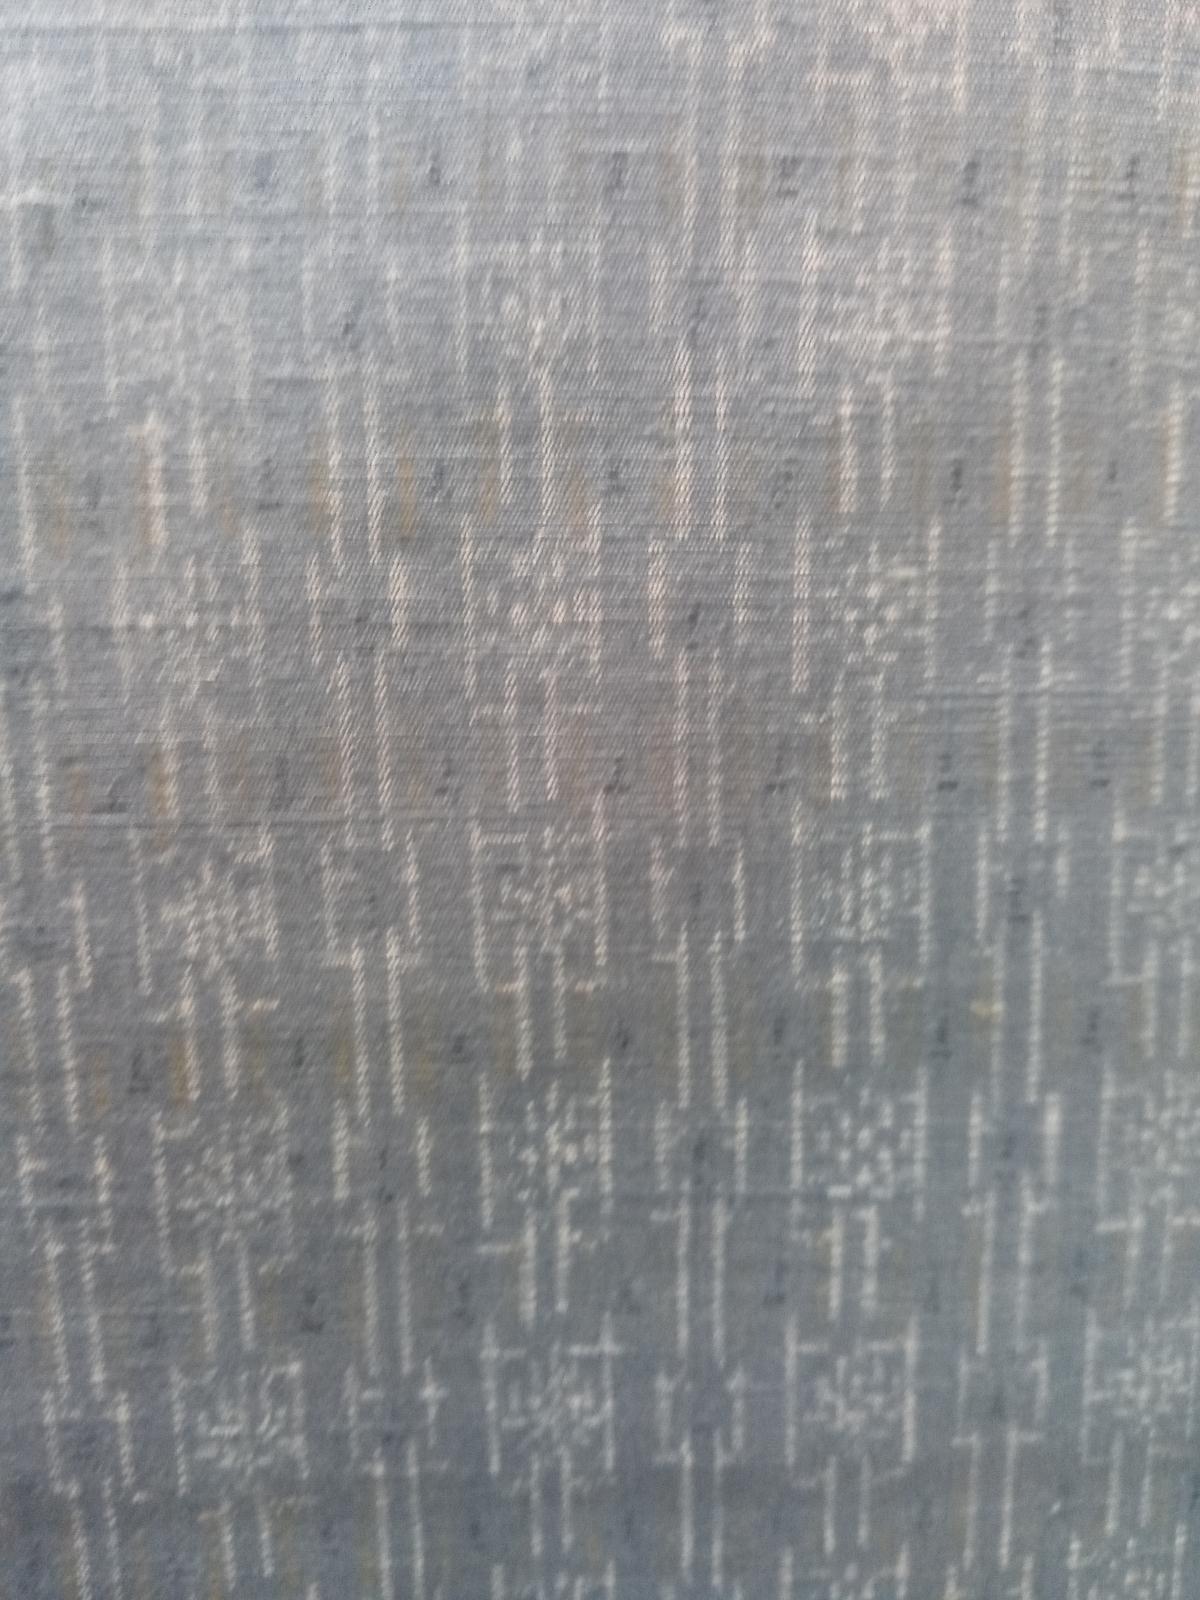 f:id:uribouwataru:20210815110250j:plain